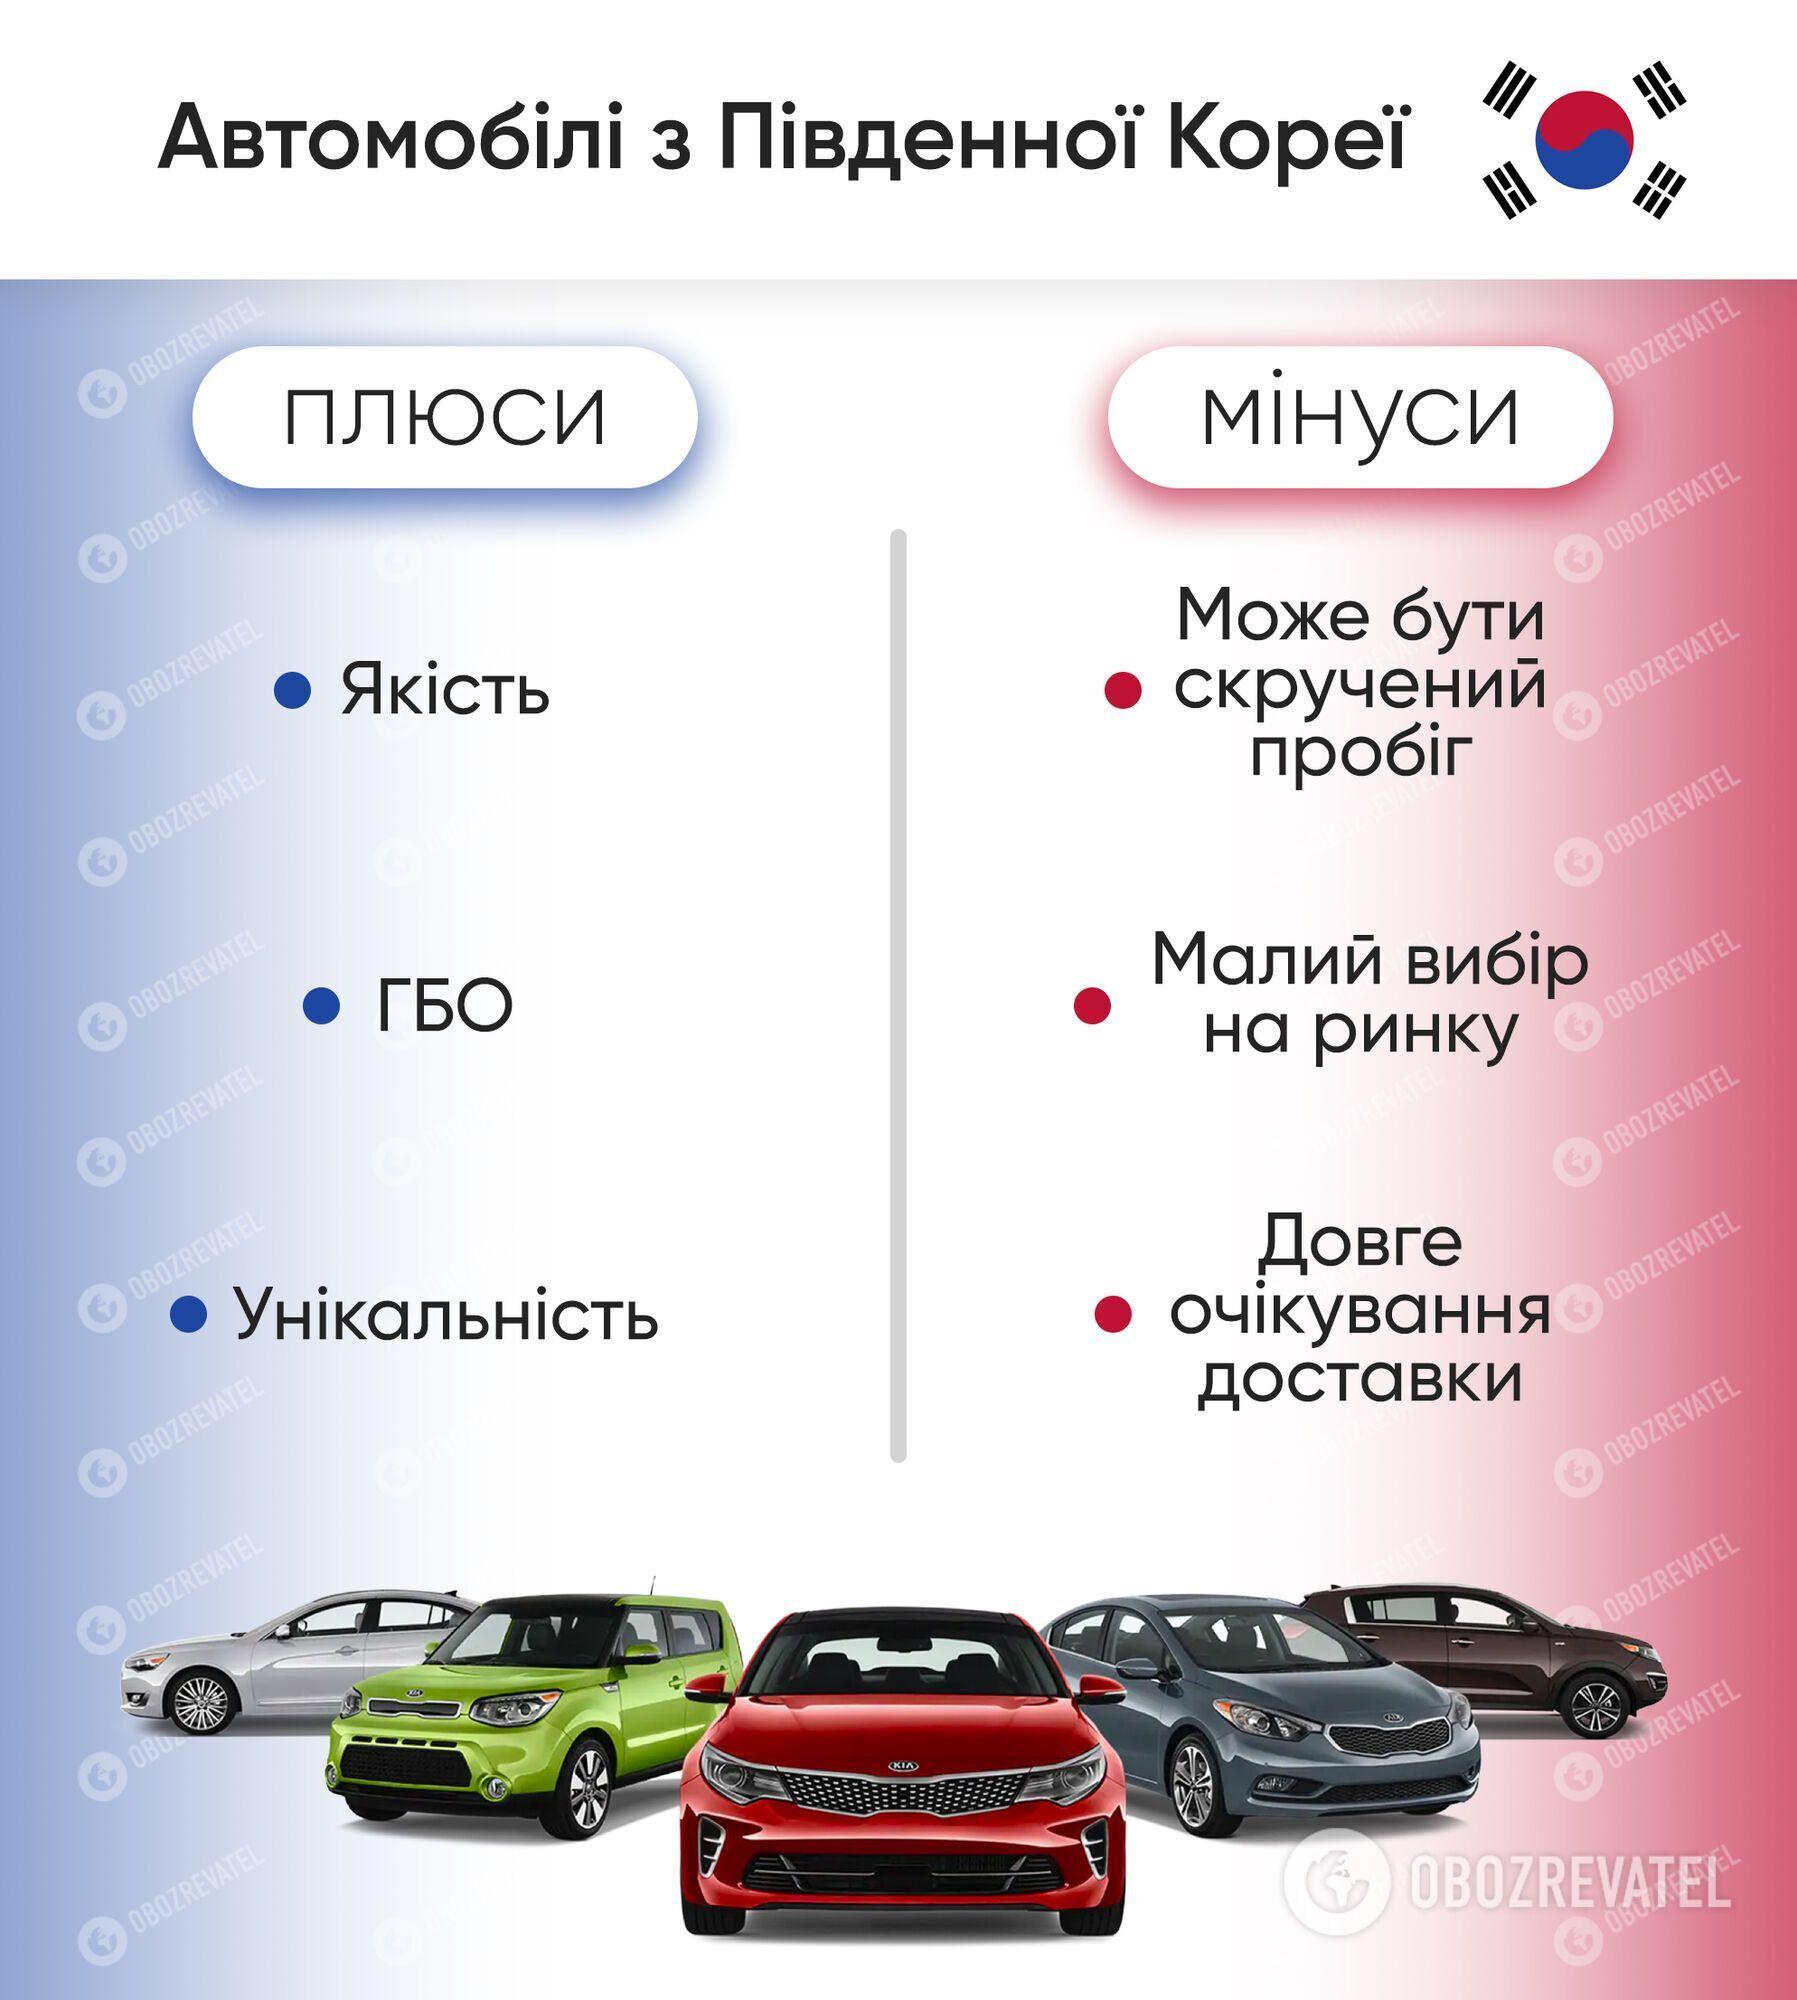 Плюси та мінуси автомобілів з Південної Кореї